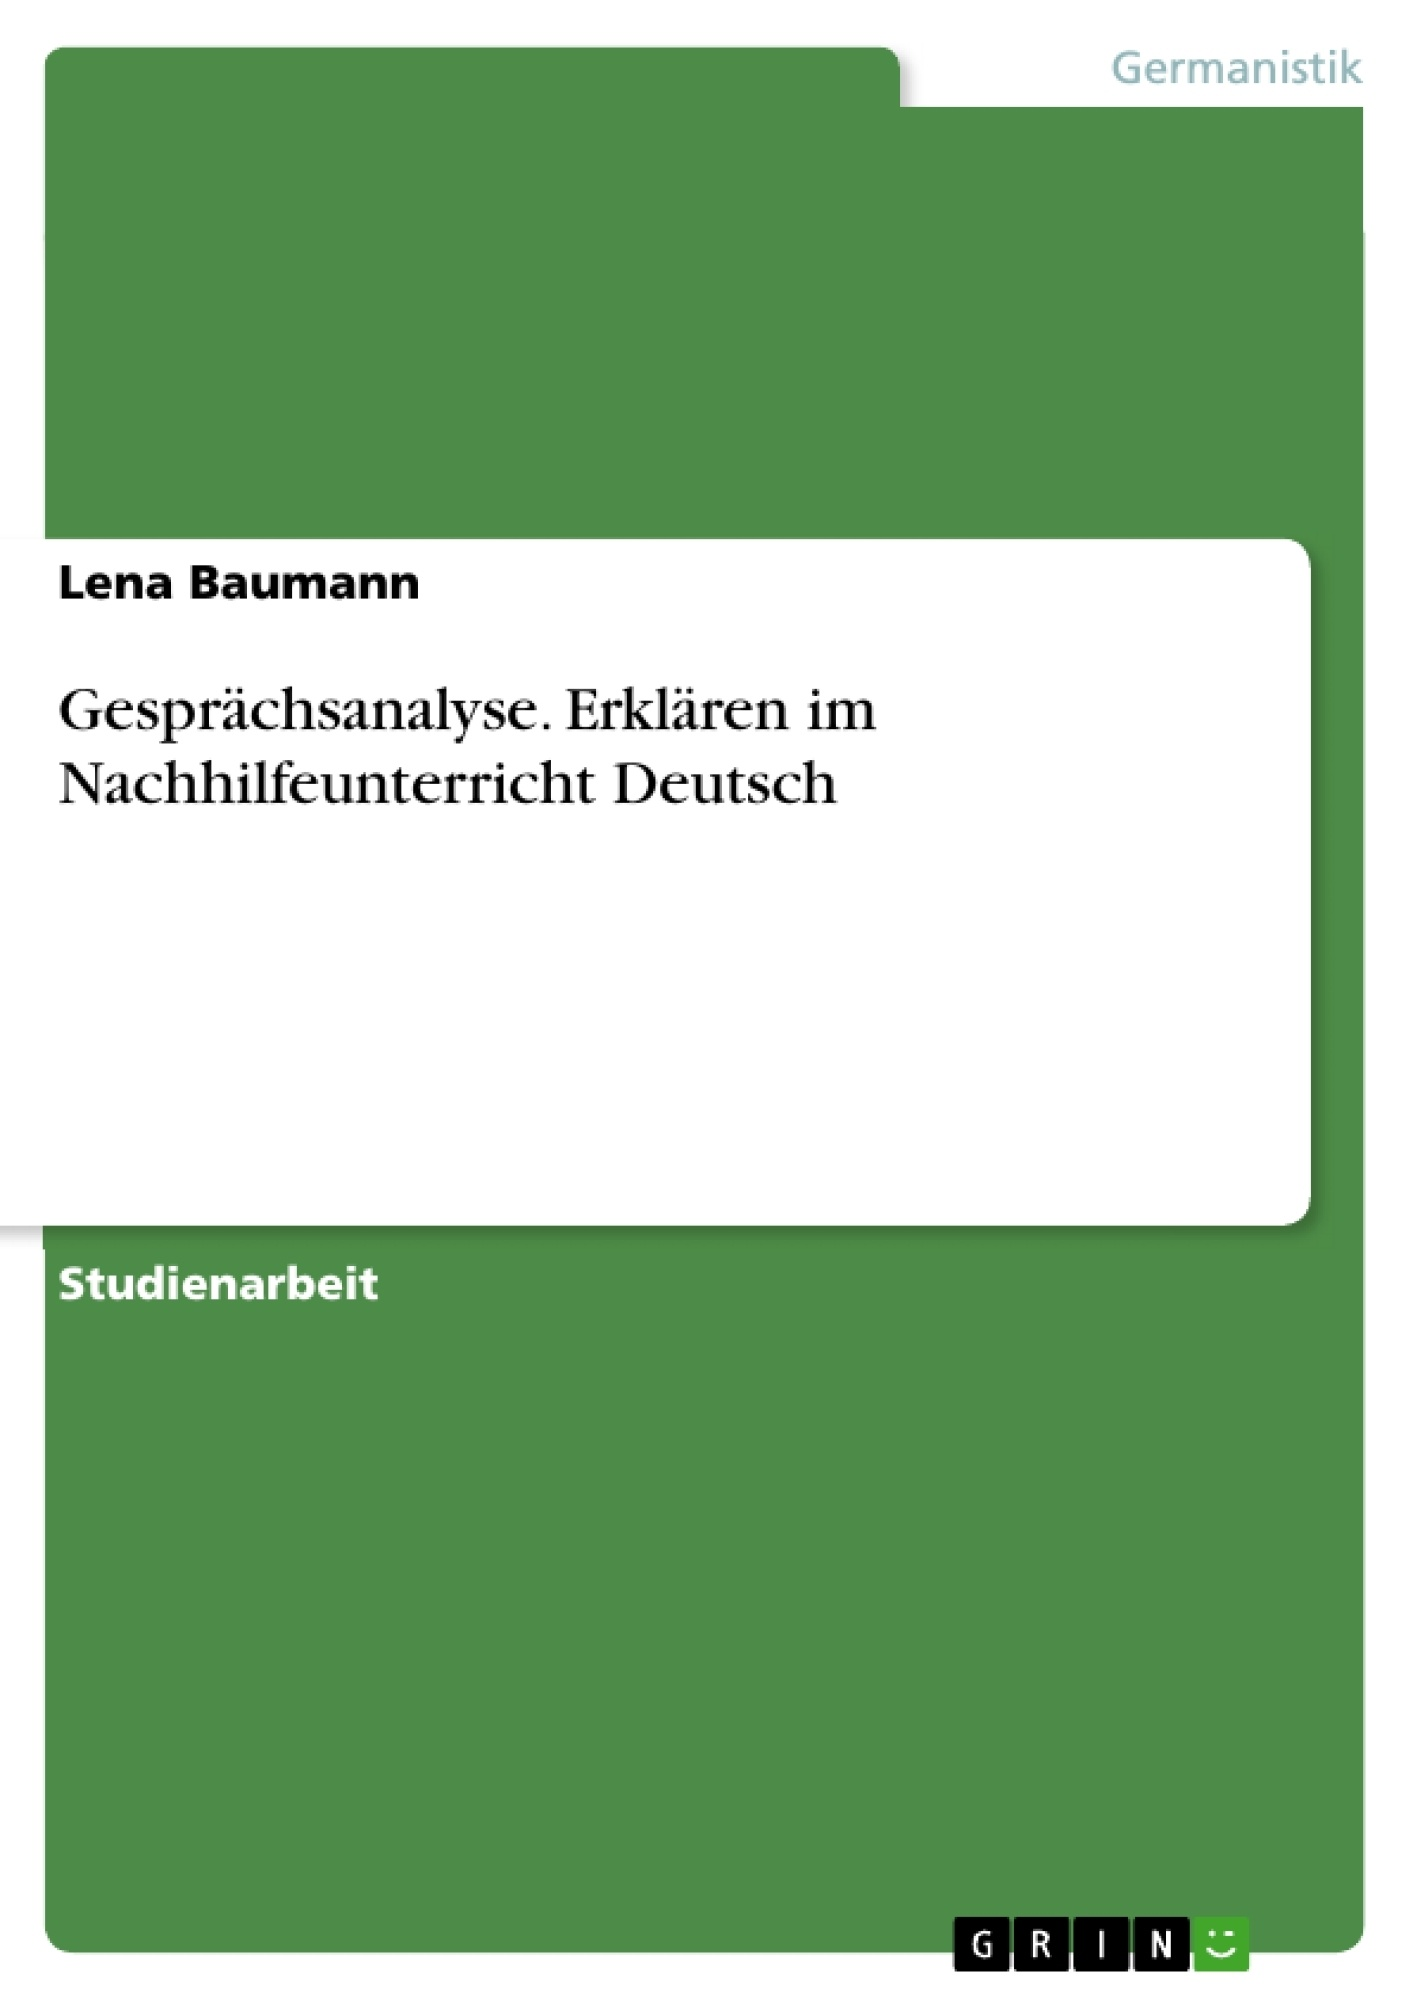 Titel: Gesprächsanalyse. Erklären im Nachhilfeunterricht Deutsch